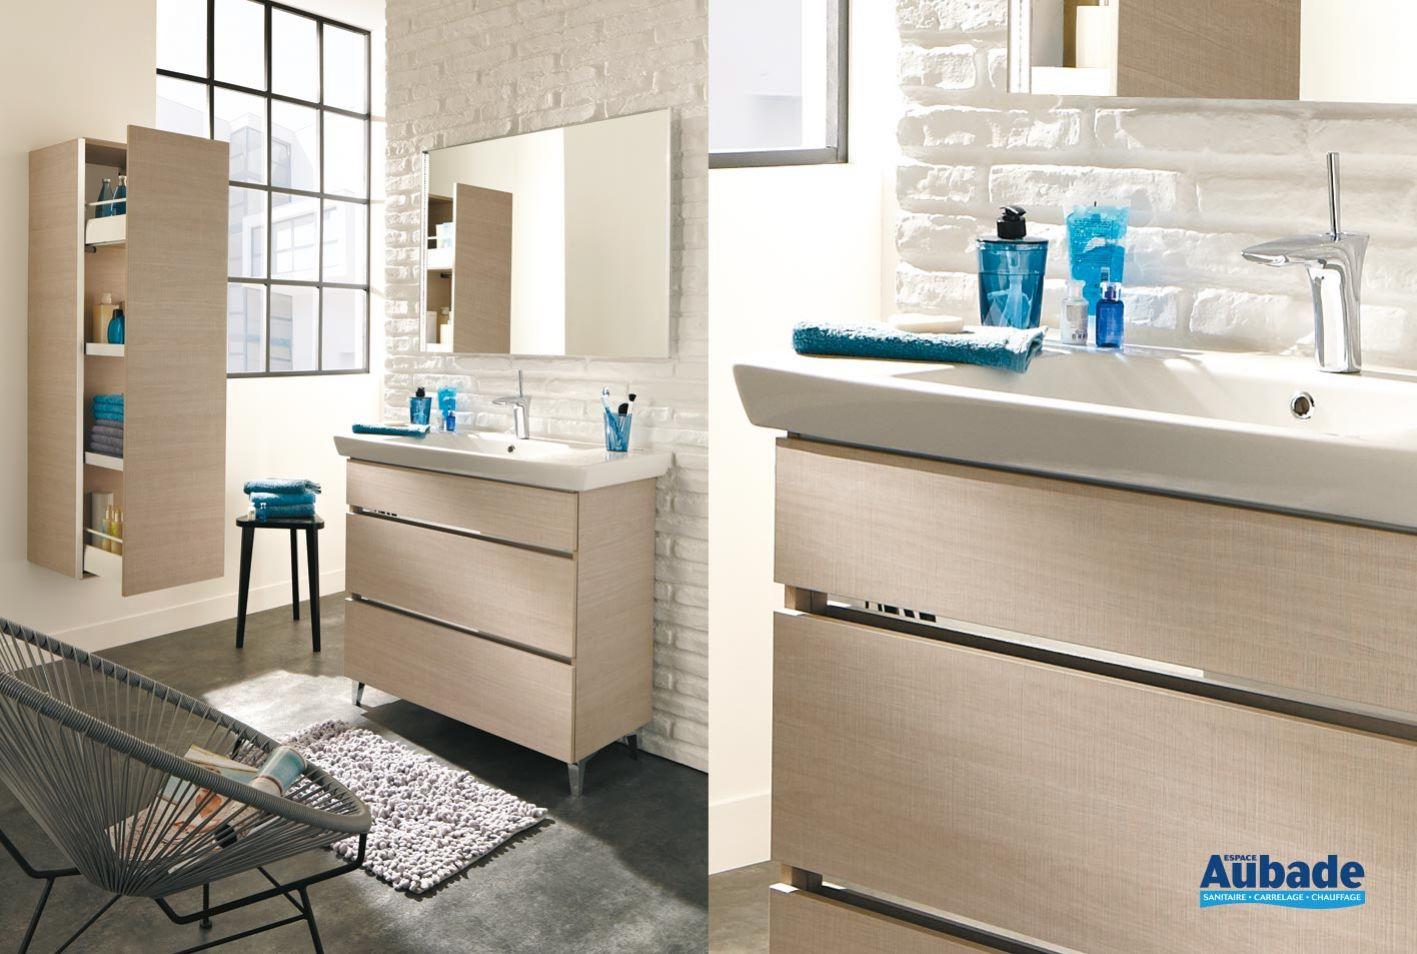 Meuble salle de bain contemporain Lido Eureka  Espace Aubade